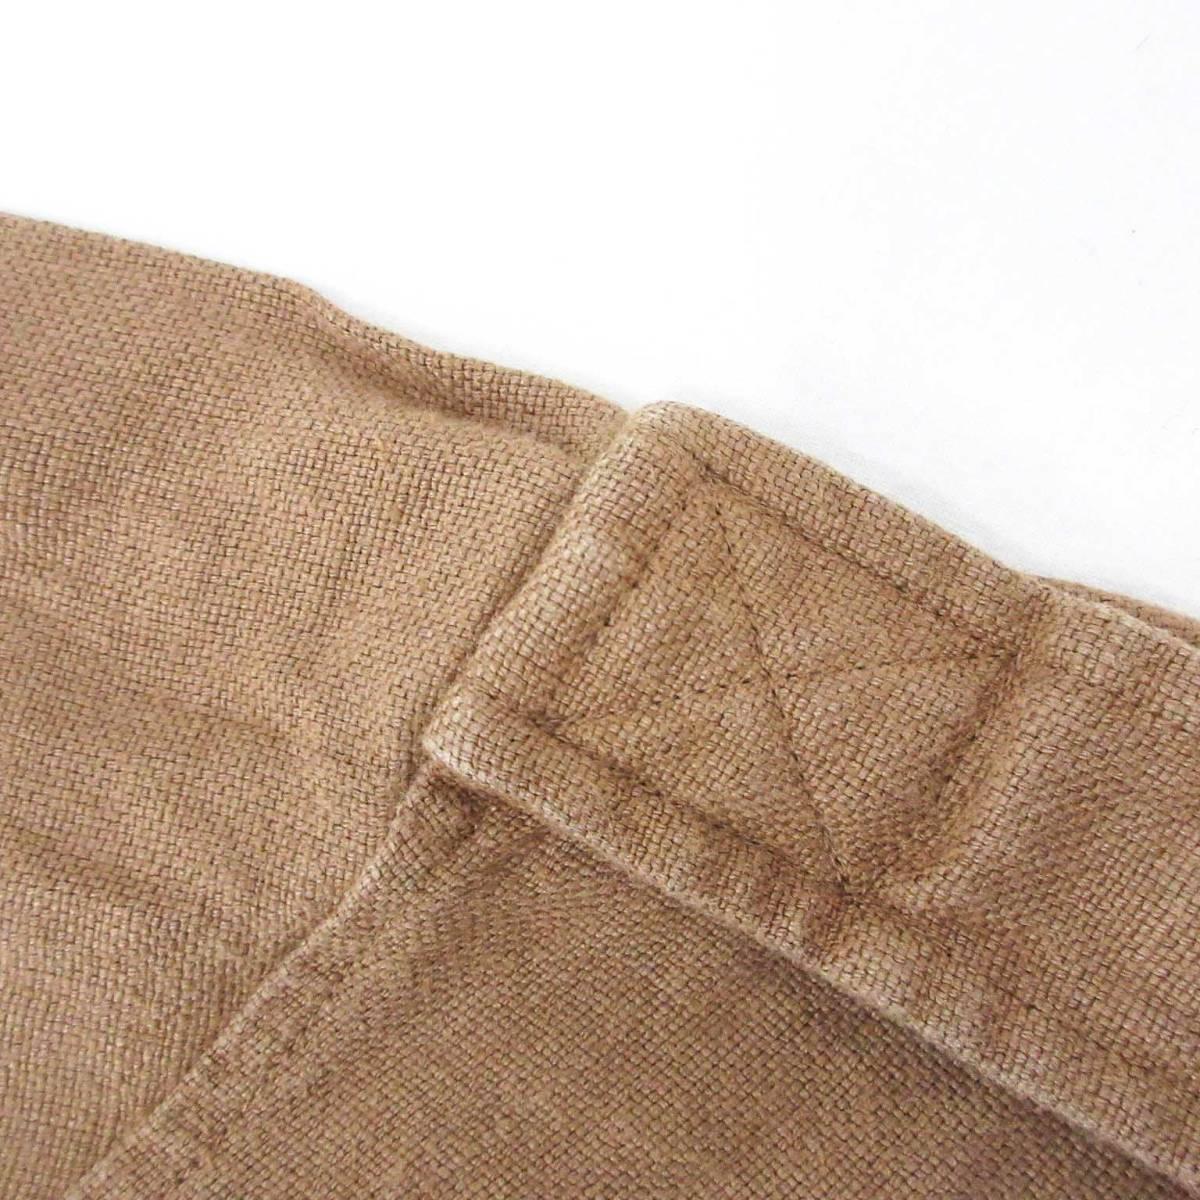 Polo by Ralph Lauren ポロバイラルフローレン ジャケット リネン 麻 100% ベルト ブラウン 茶 XL_画像8